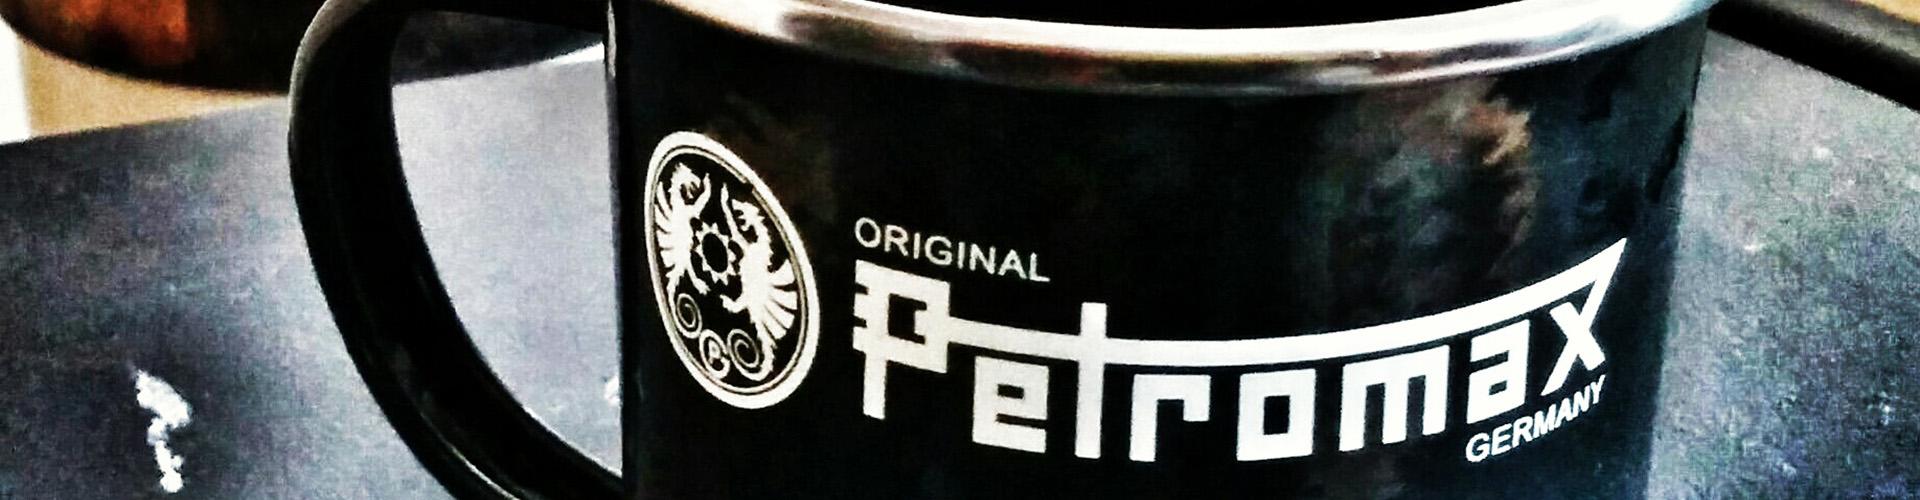 Petromax Emaille-Tasse